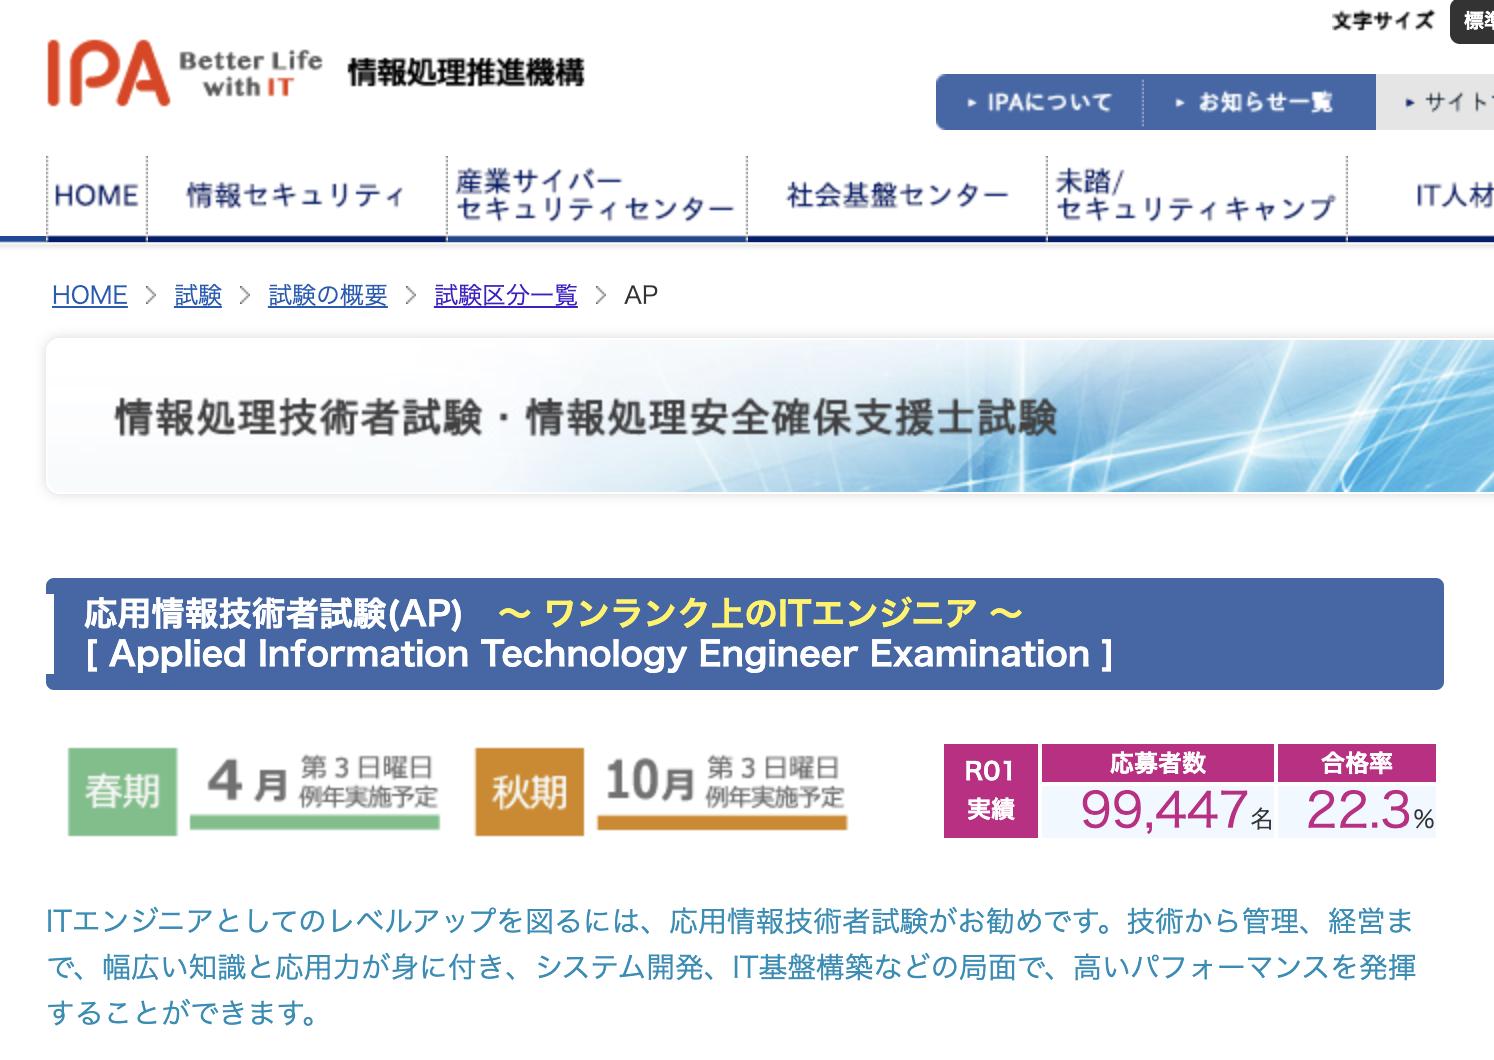 【応用情報技術者試験】独学で合格した勉強法!IT嫌いの文系が基本情報不合格してから